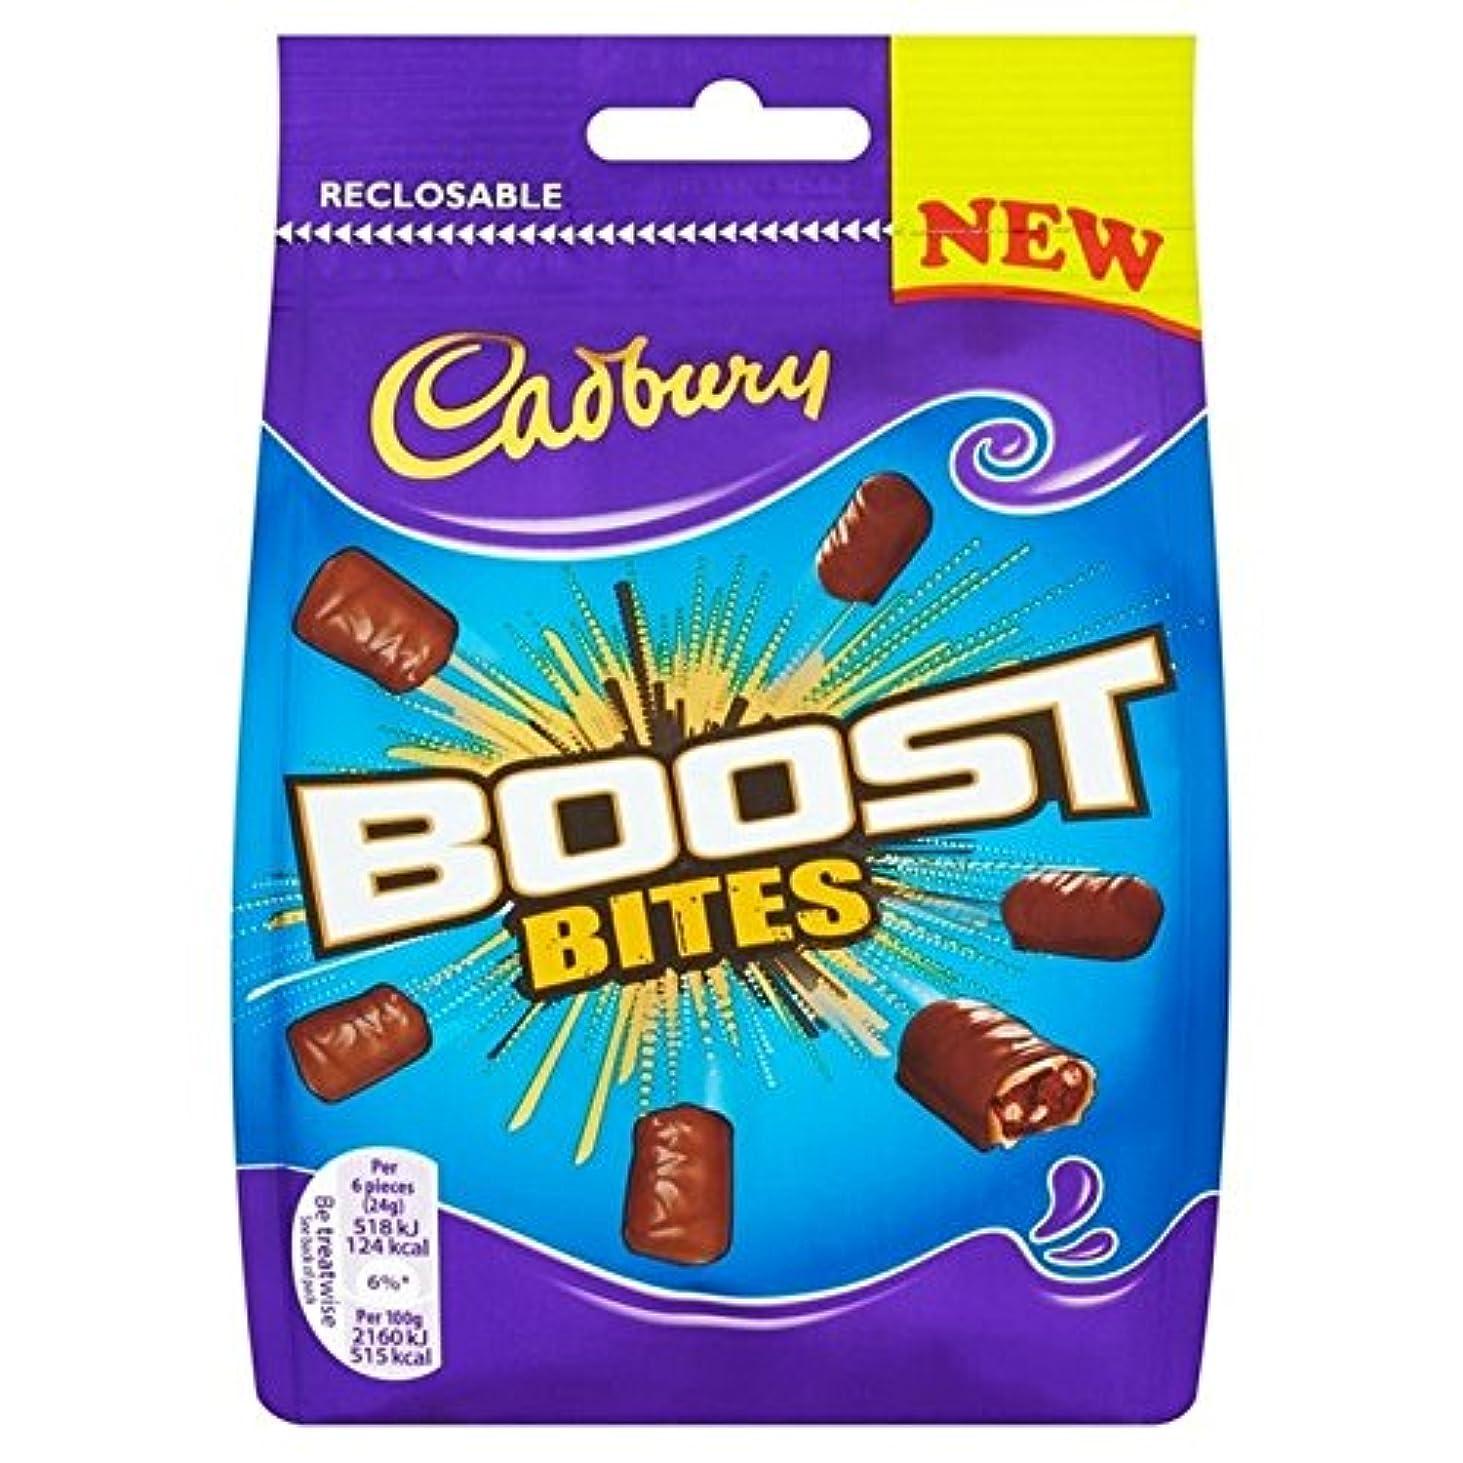 施し魂うなずくキャドバリーブーストは108グラムをかみます (x 2) - Cadbury Boost Bites 108g (Pack of 2) [並行輸入品]